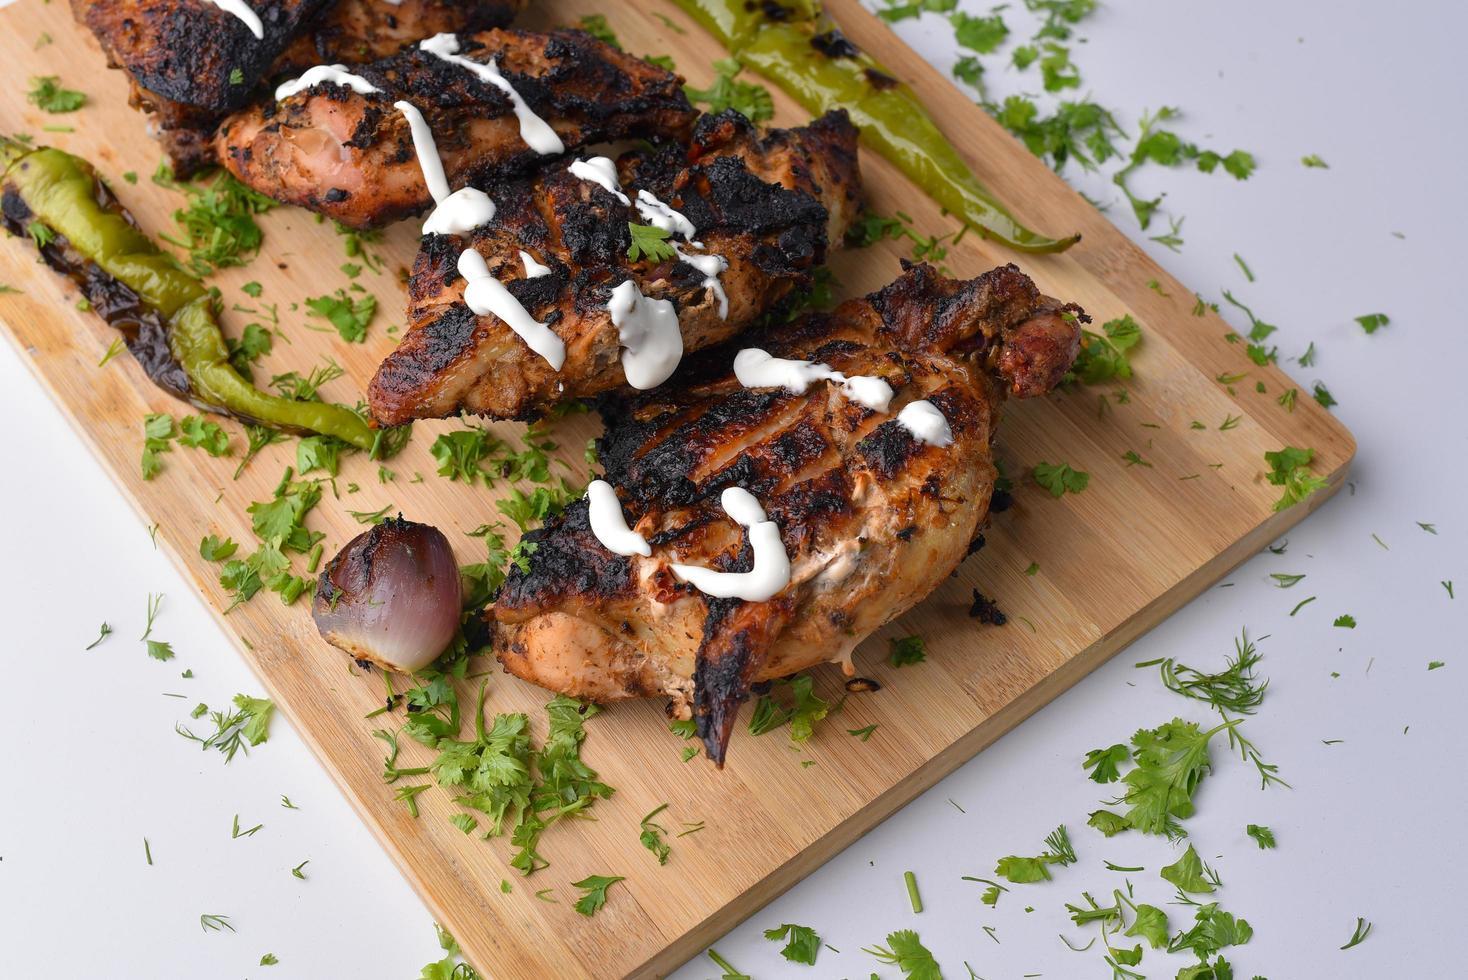 gegrillte Hühnerbrust foto